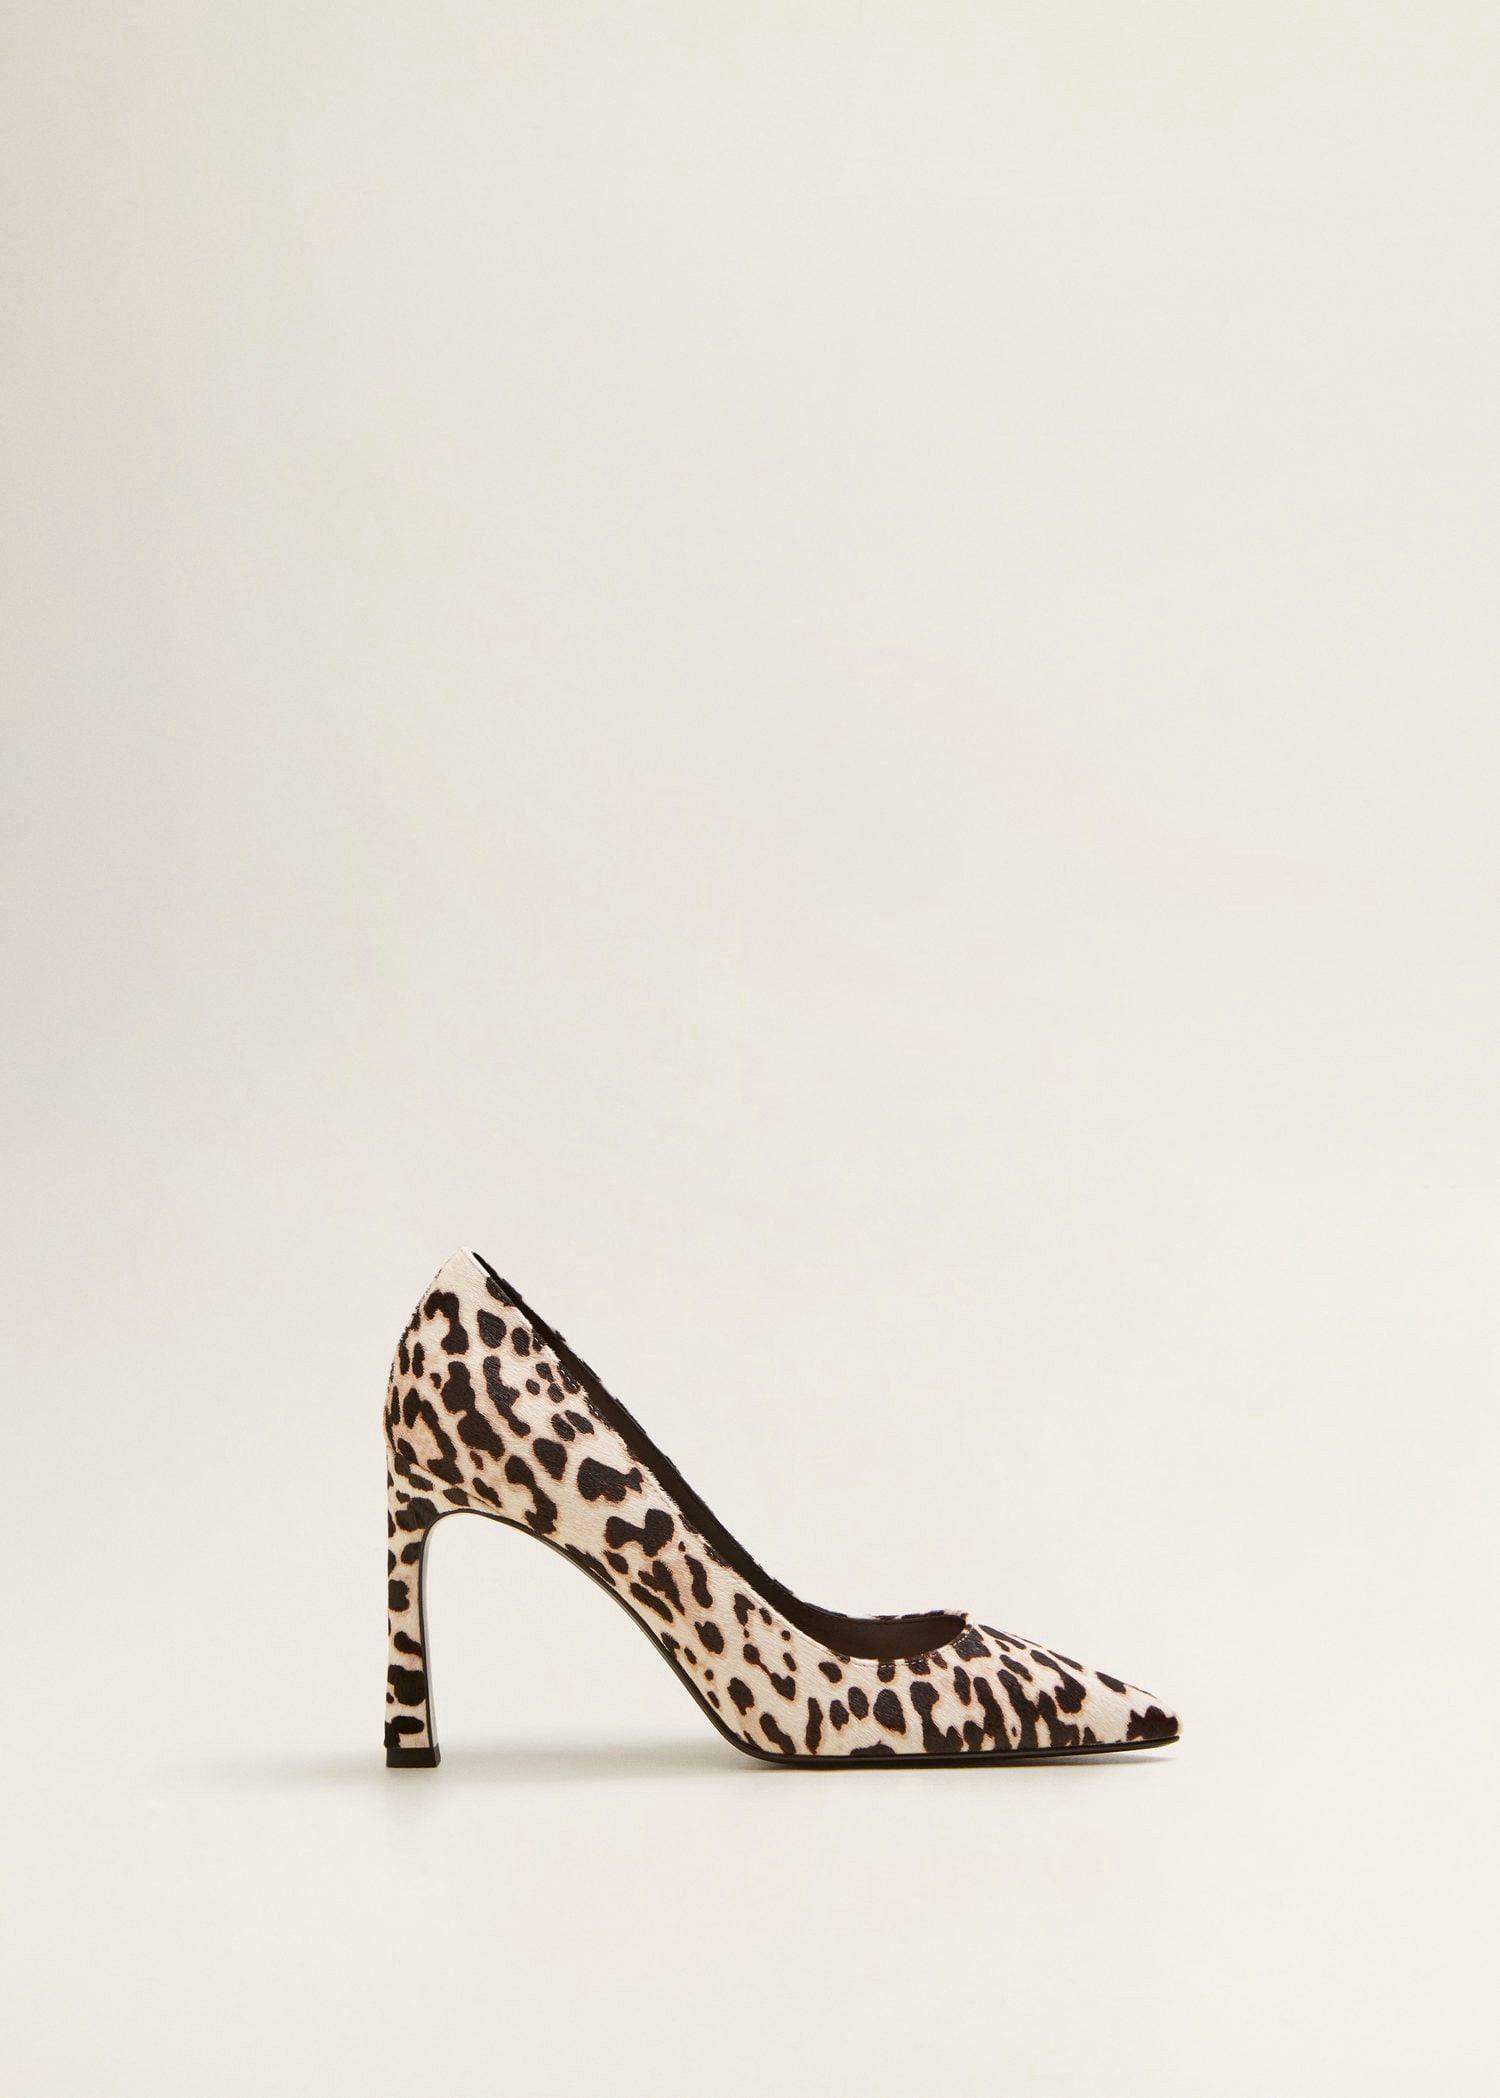 Mango Leather Pumps - 9½ Leopard Print Heels, Ballerina Shoes, Women s  Pumps, Shoes cee150b195af